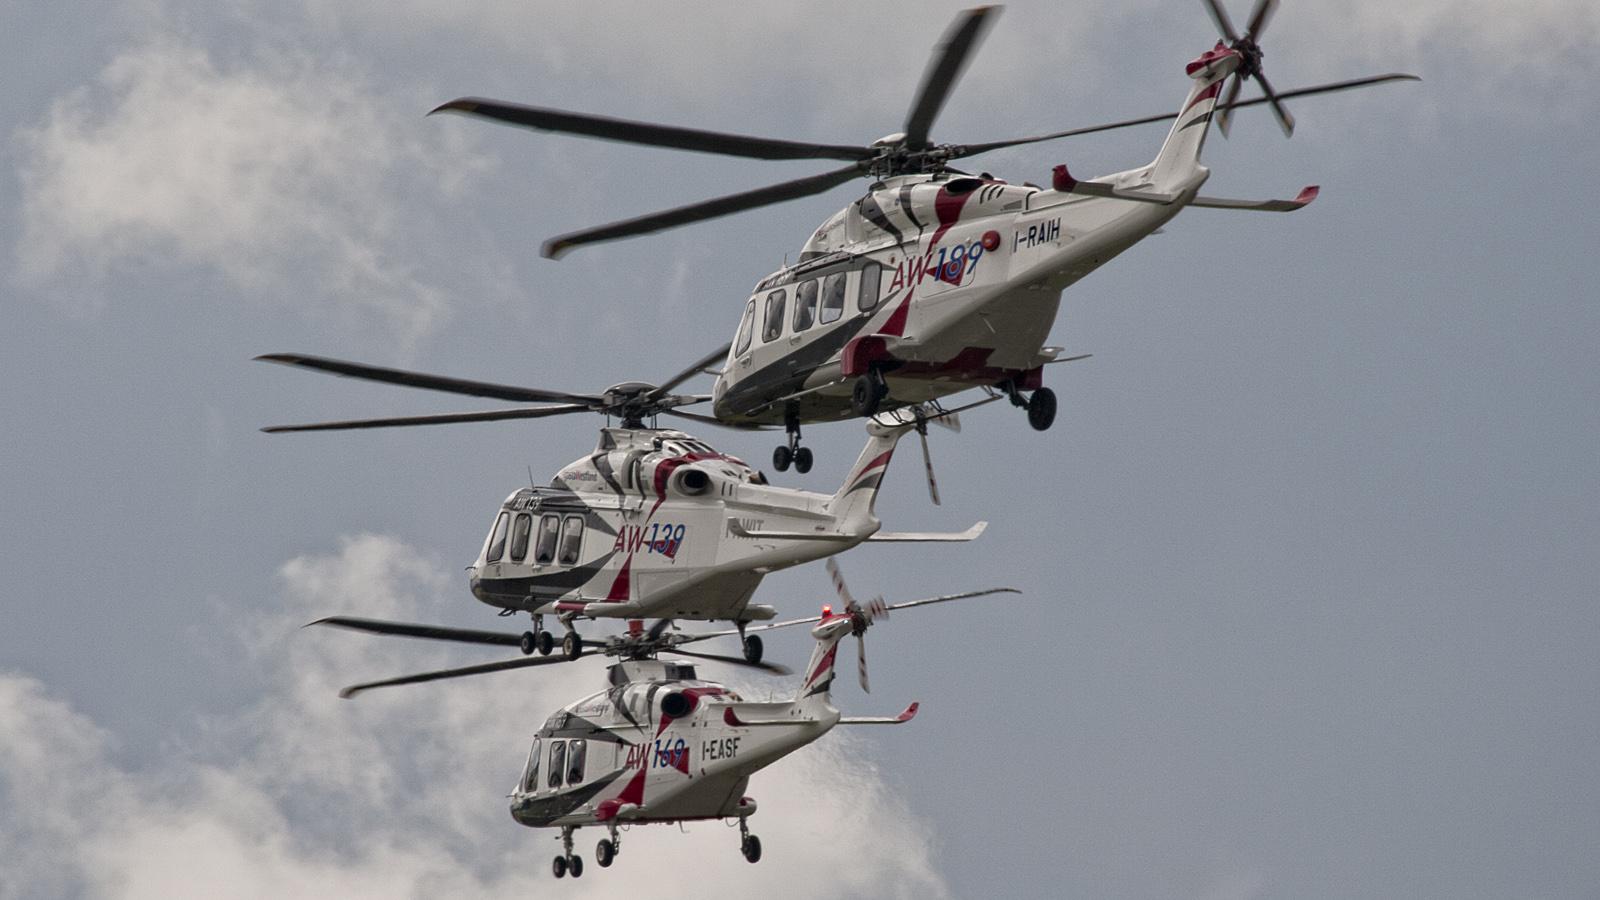 AW139 AW169 AW189 Agusta Westland demo